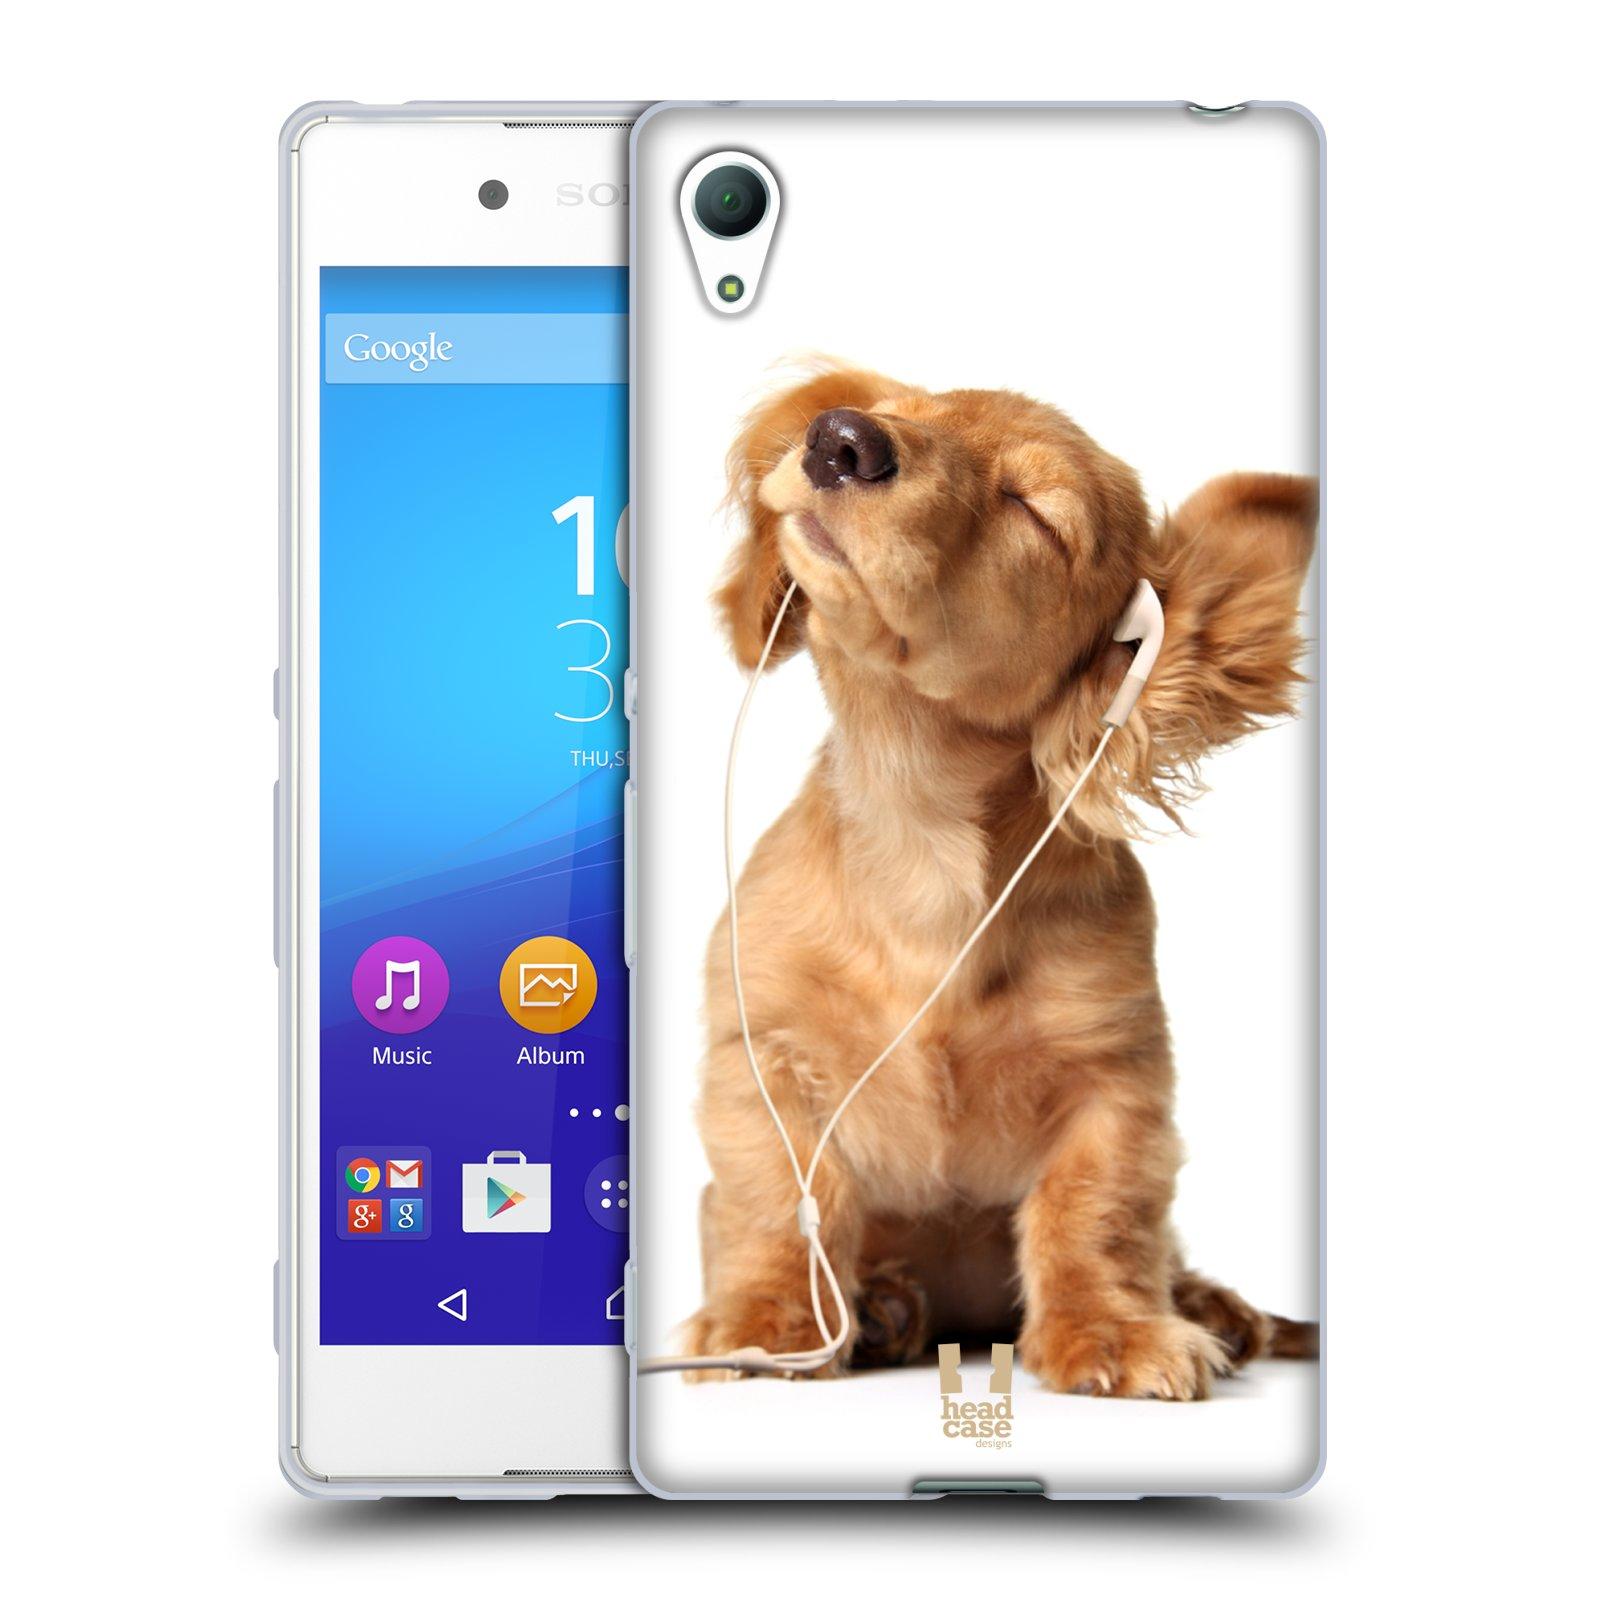 HEAD CASE silikonový obal na mobil Sony Xperia Z3 + (PLUS) vzor Legrační zvířátka roztomilé štěňátko se sluchátky MUSIC